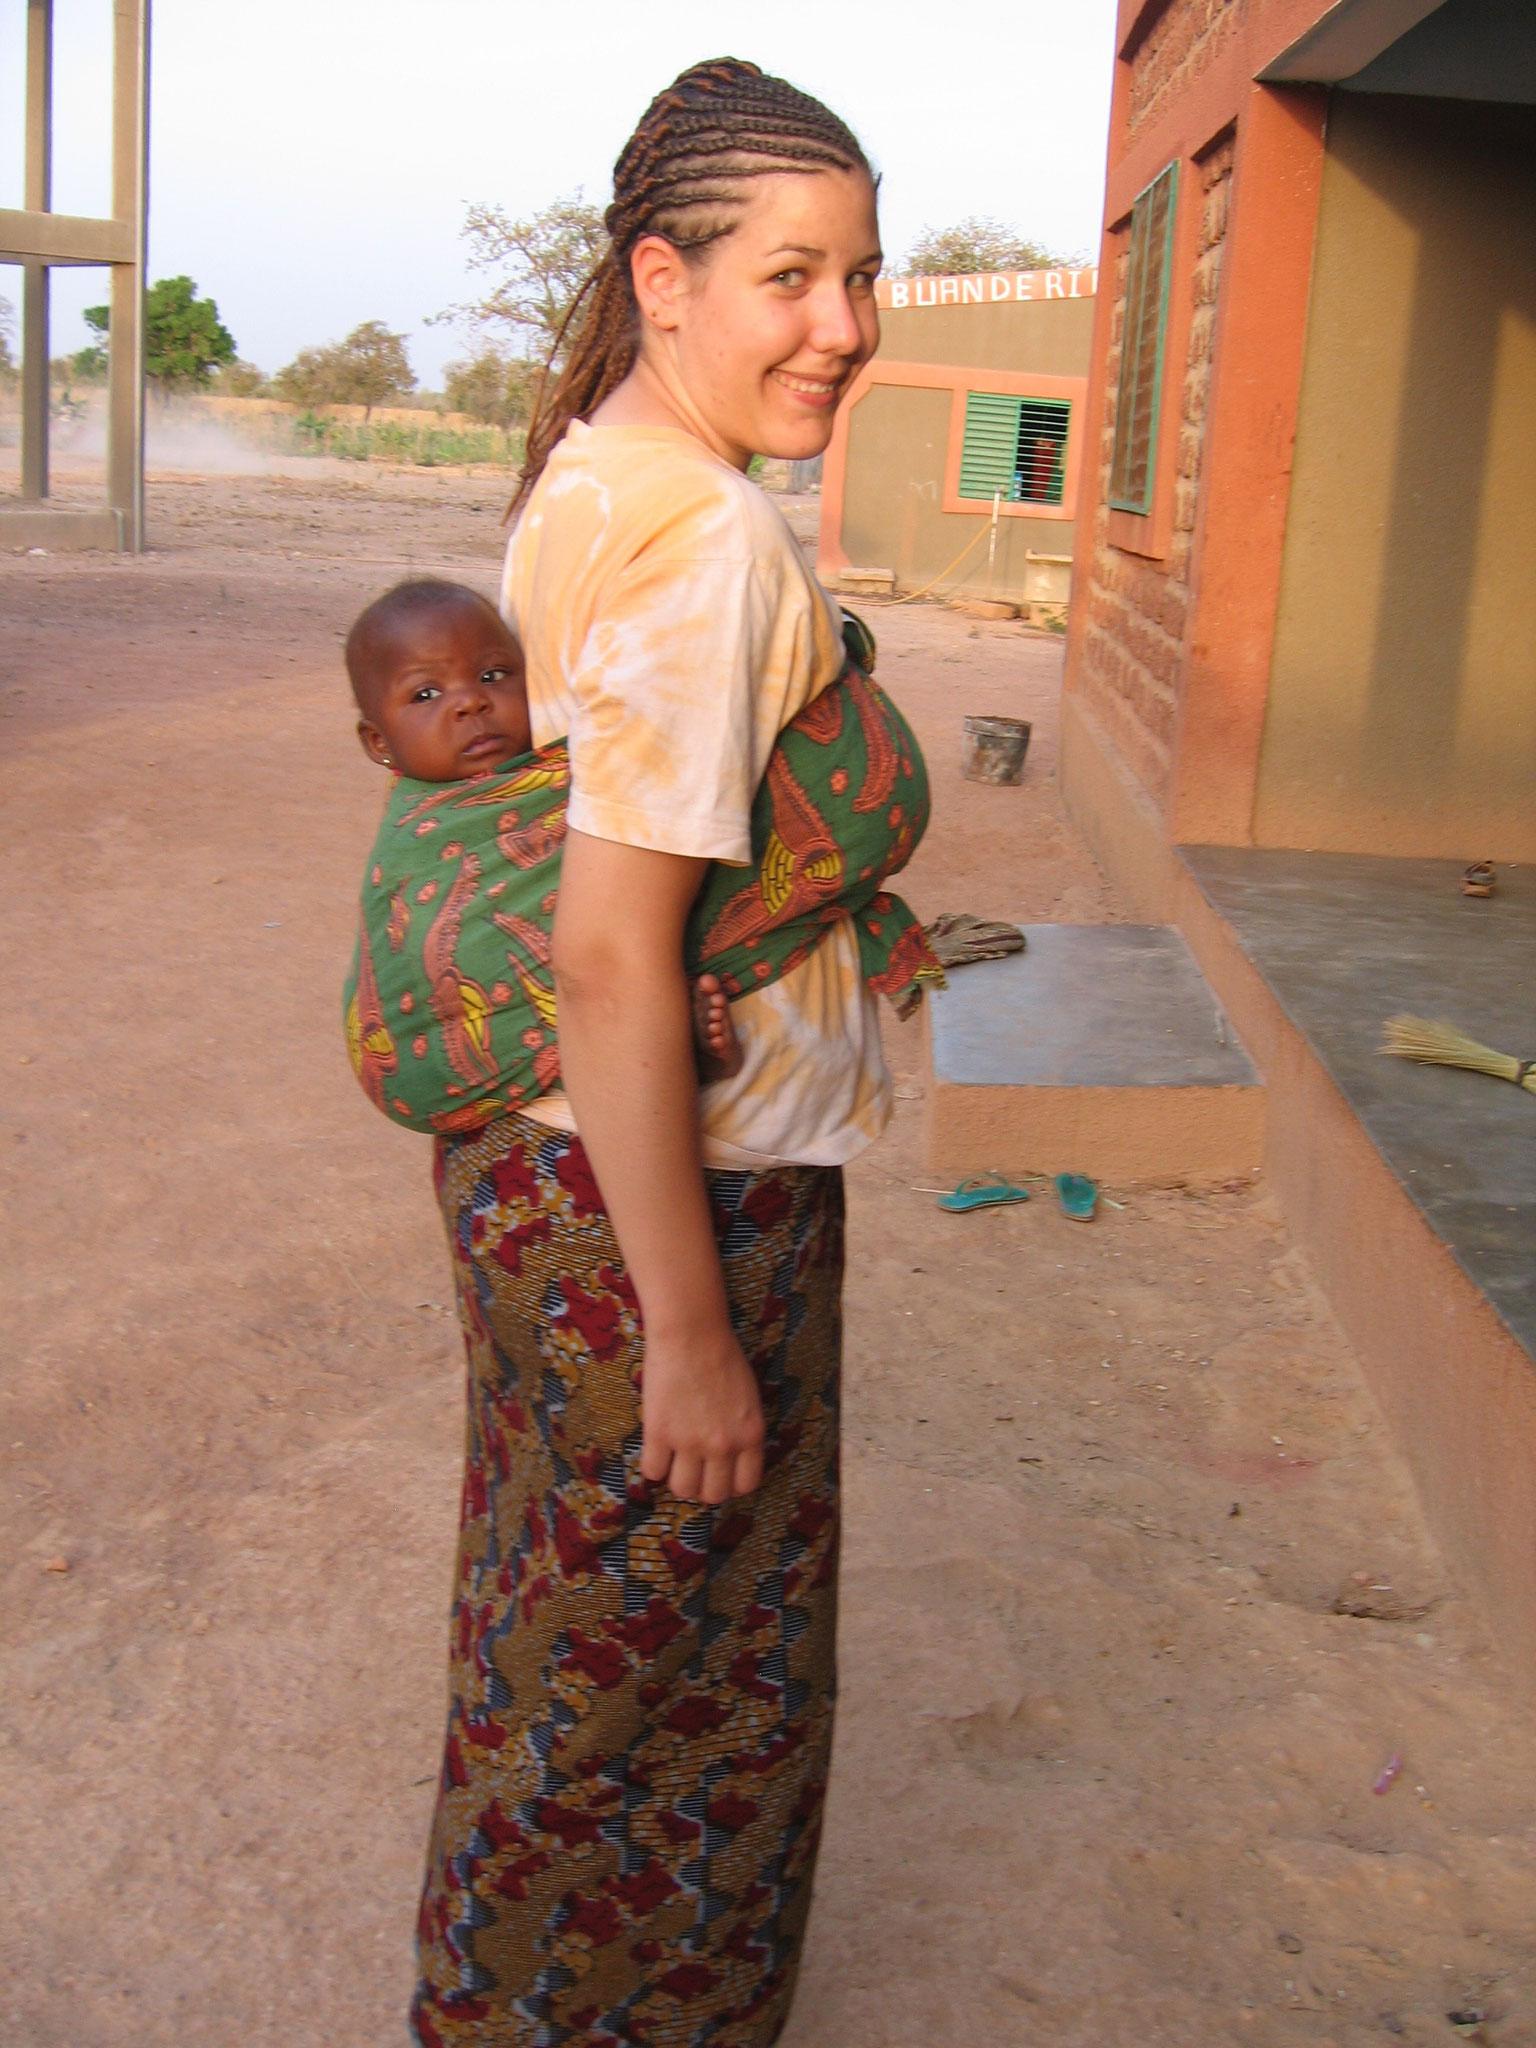 Dabei lernte sie, wie die Kinder in Burkina Faso auf den Rücken gebunden werden. So haben die Frauen freie Hände und können auf den Feldern oder in der Küche arbeiten.